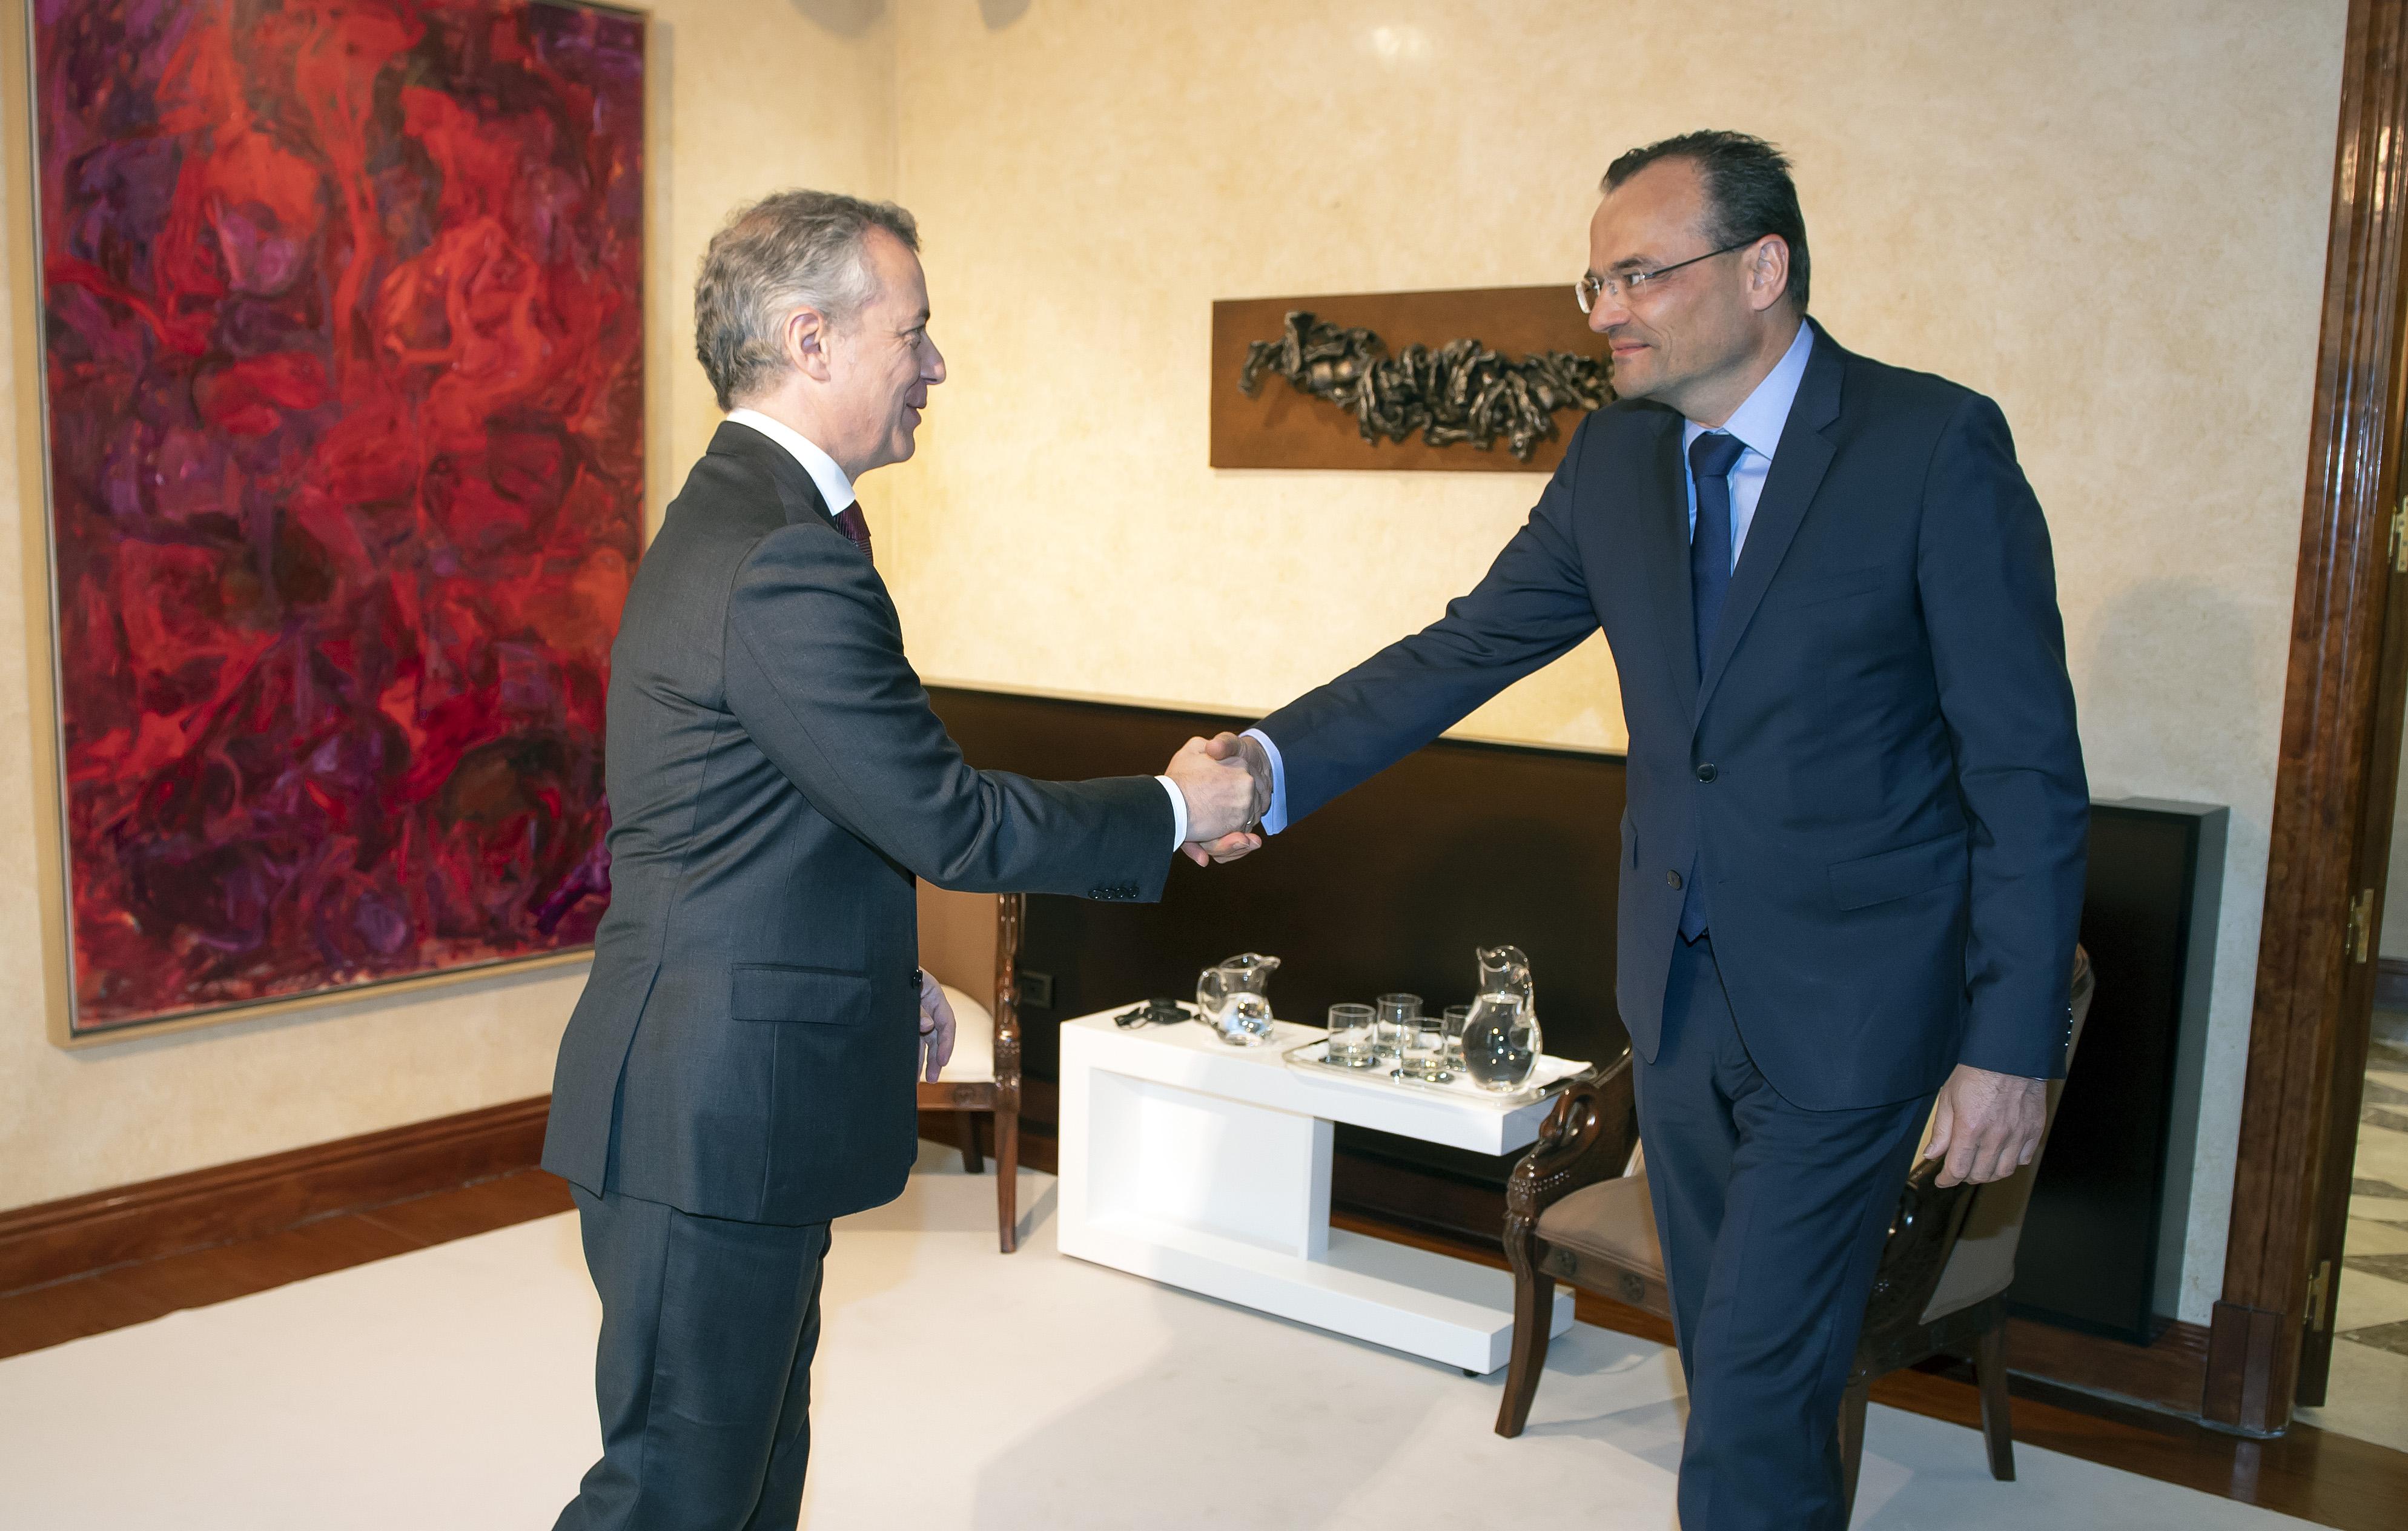 Siemens Gamesa y el Gobierno Vasco firman un acuerdo de intenciones para impulsar la competitividad de la industria eólica vasca